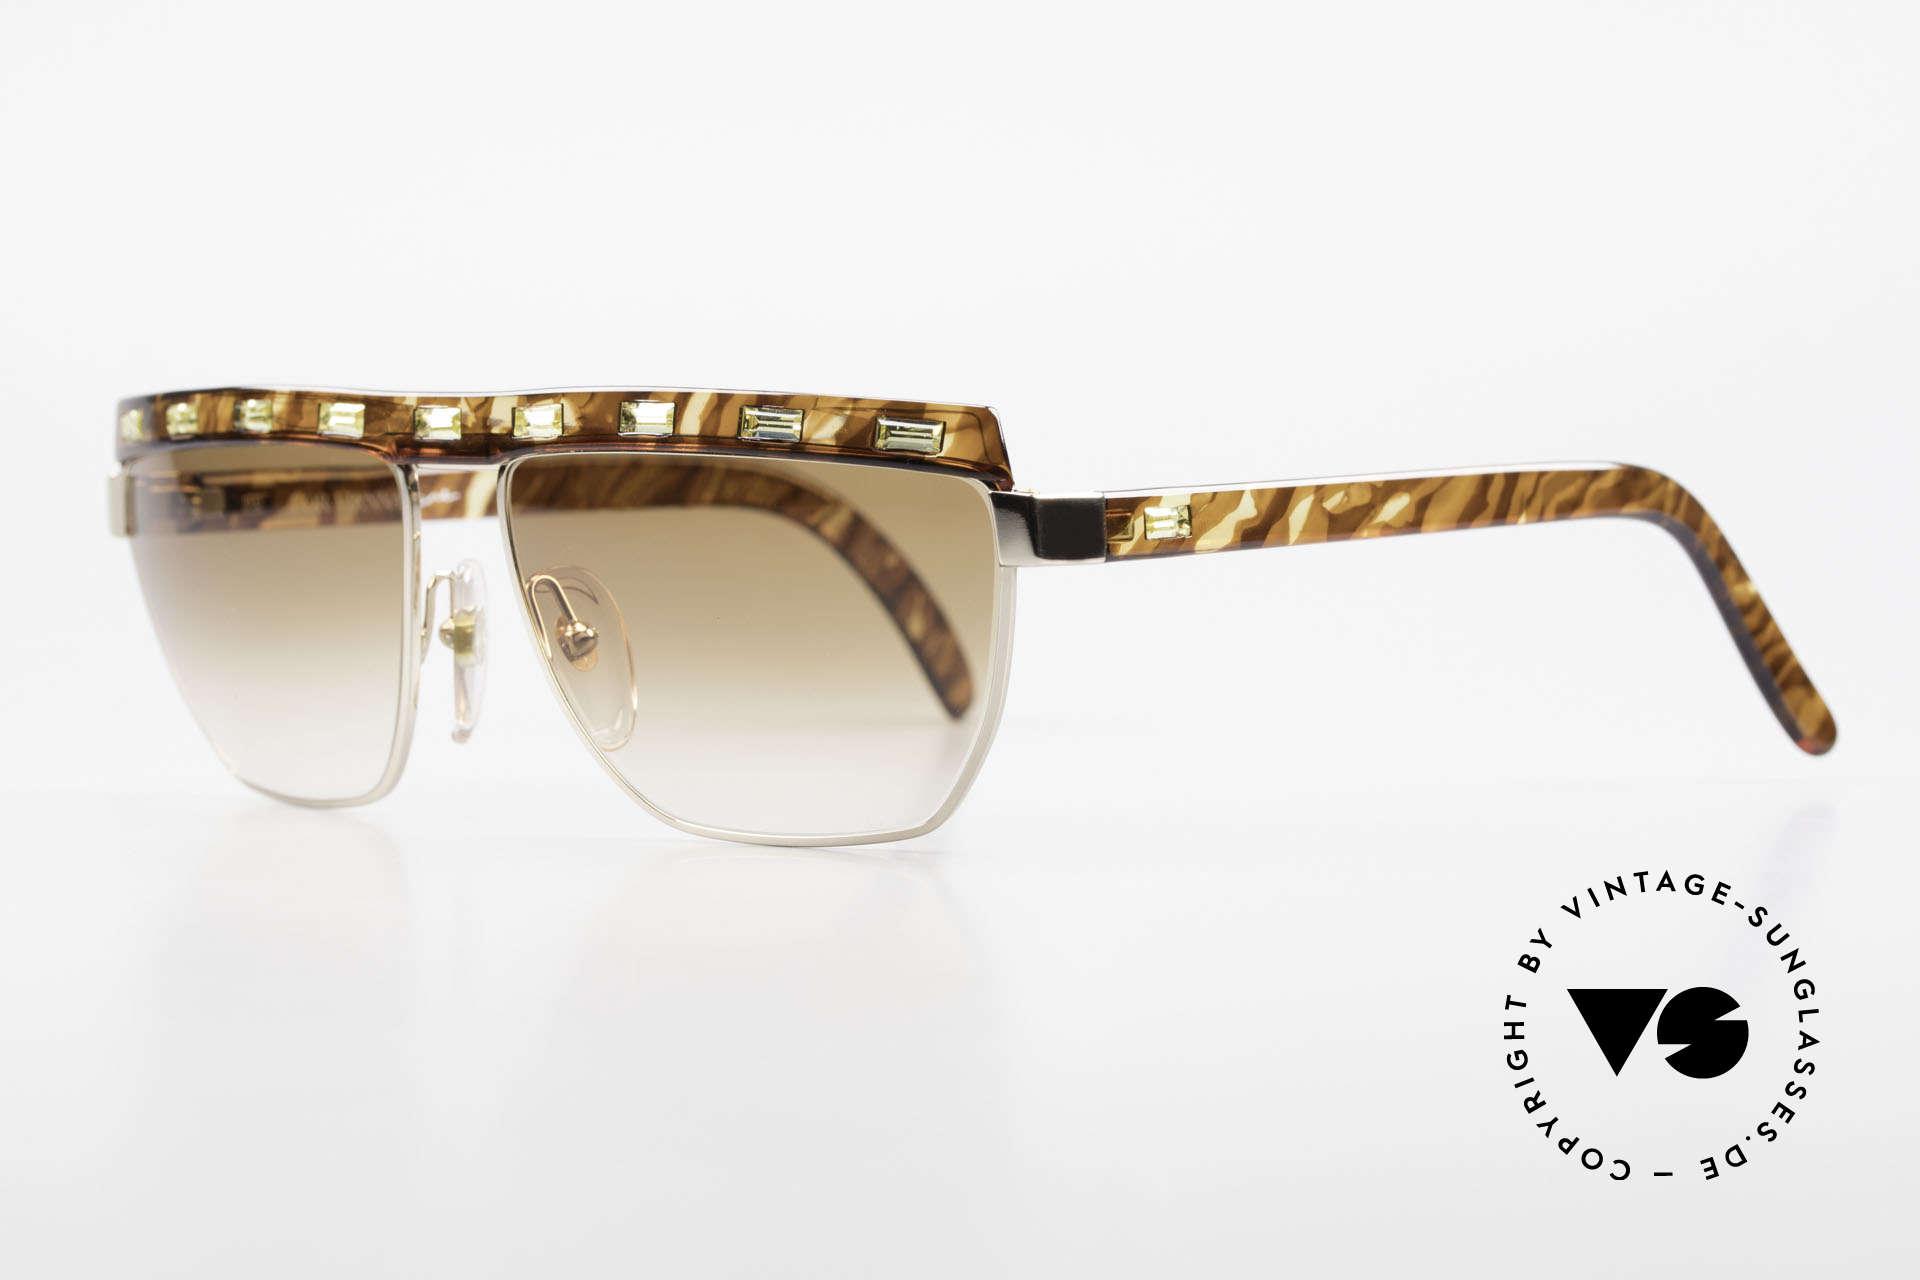 Paloma Picasso 3706 Damen Sonnenbrille Strass 90s, sie entwarf 1990 diese großartige Brillenkollektion, Passend für Damen